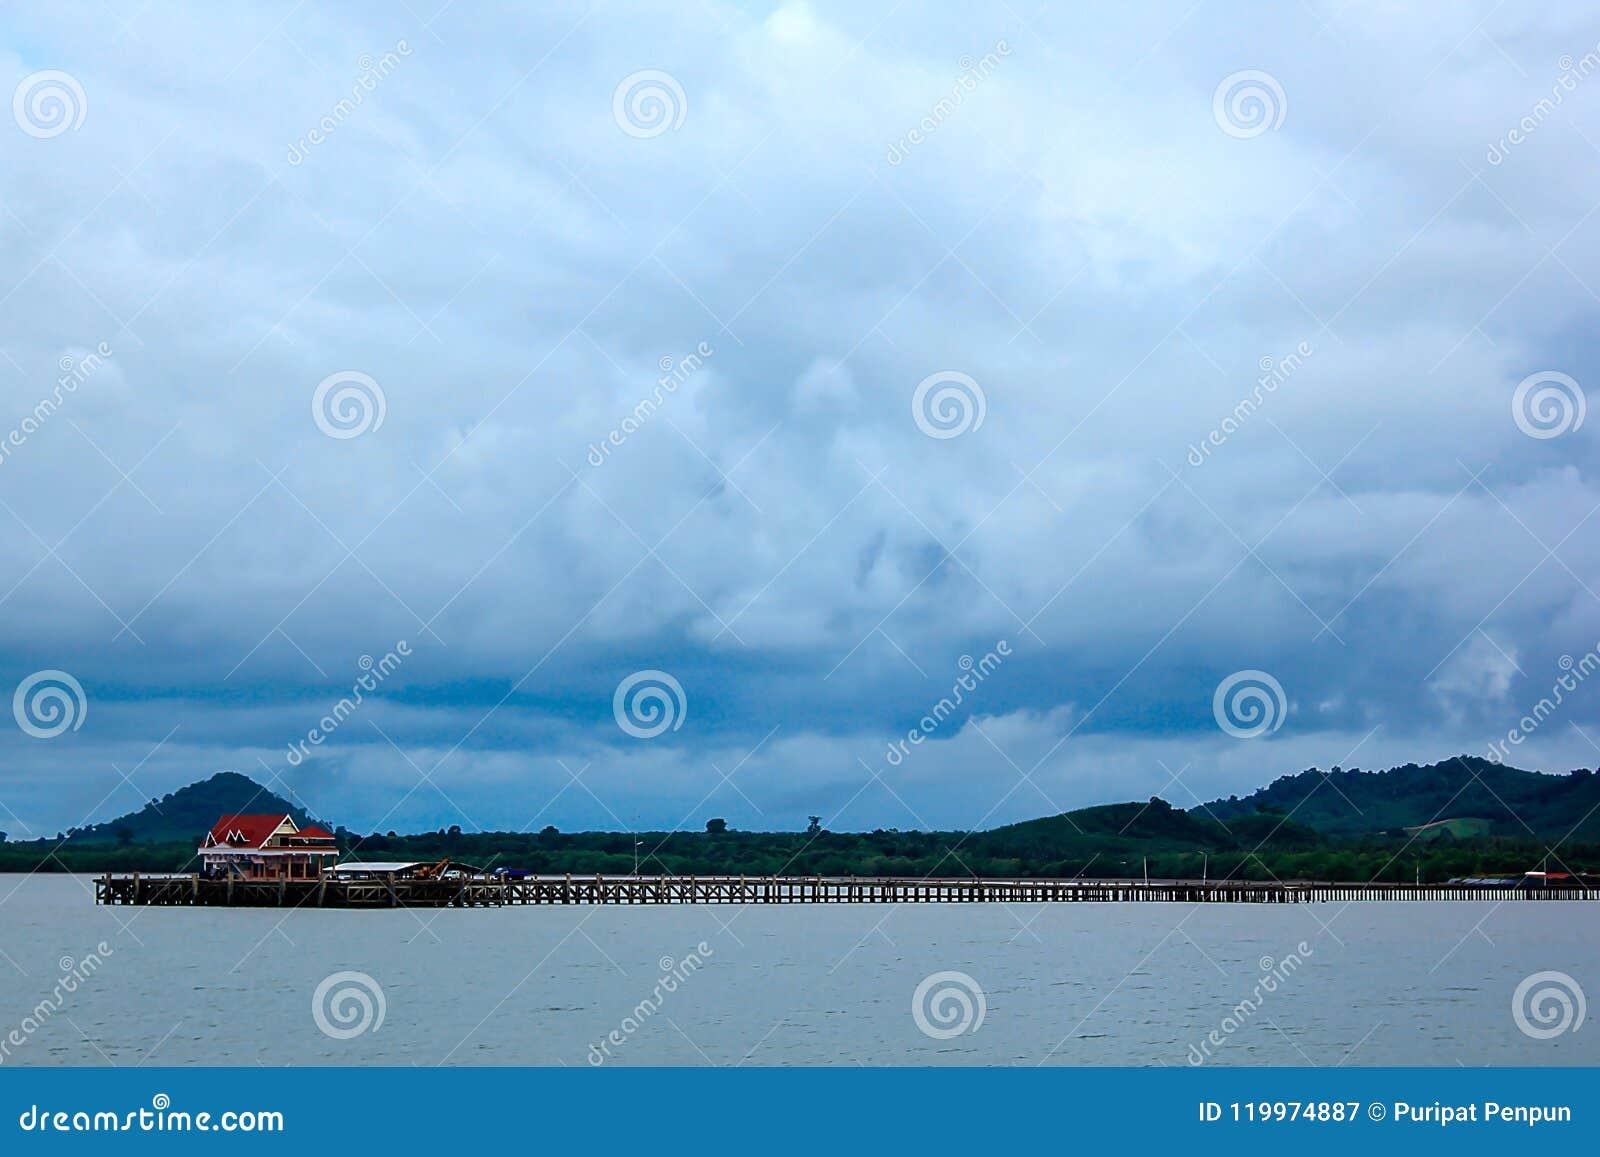 海,天空阴云密布,雨被形成